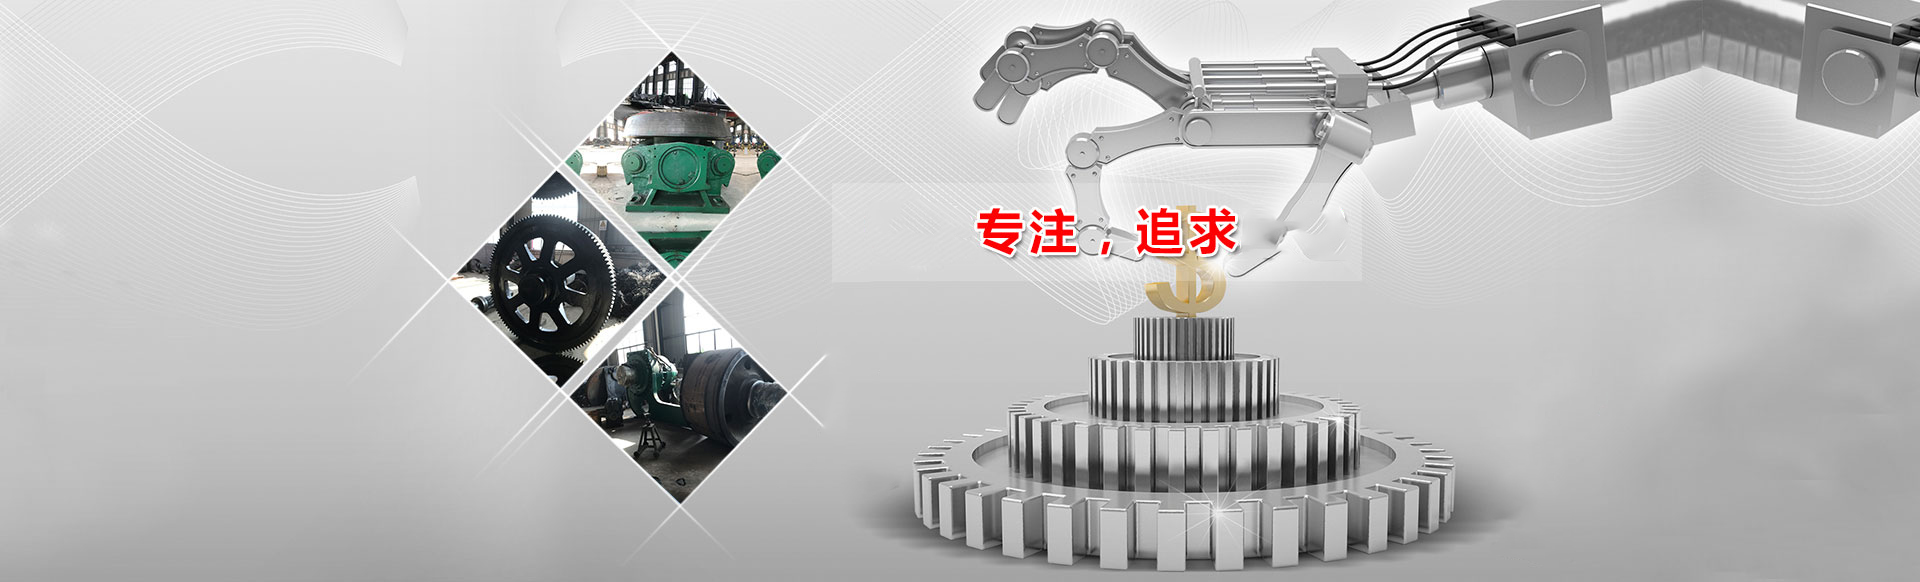 贵州机械设备制造维修